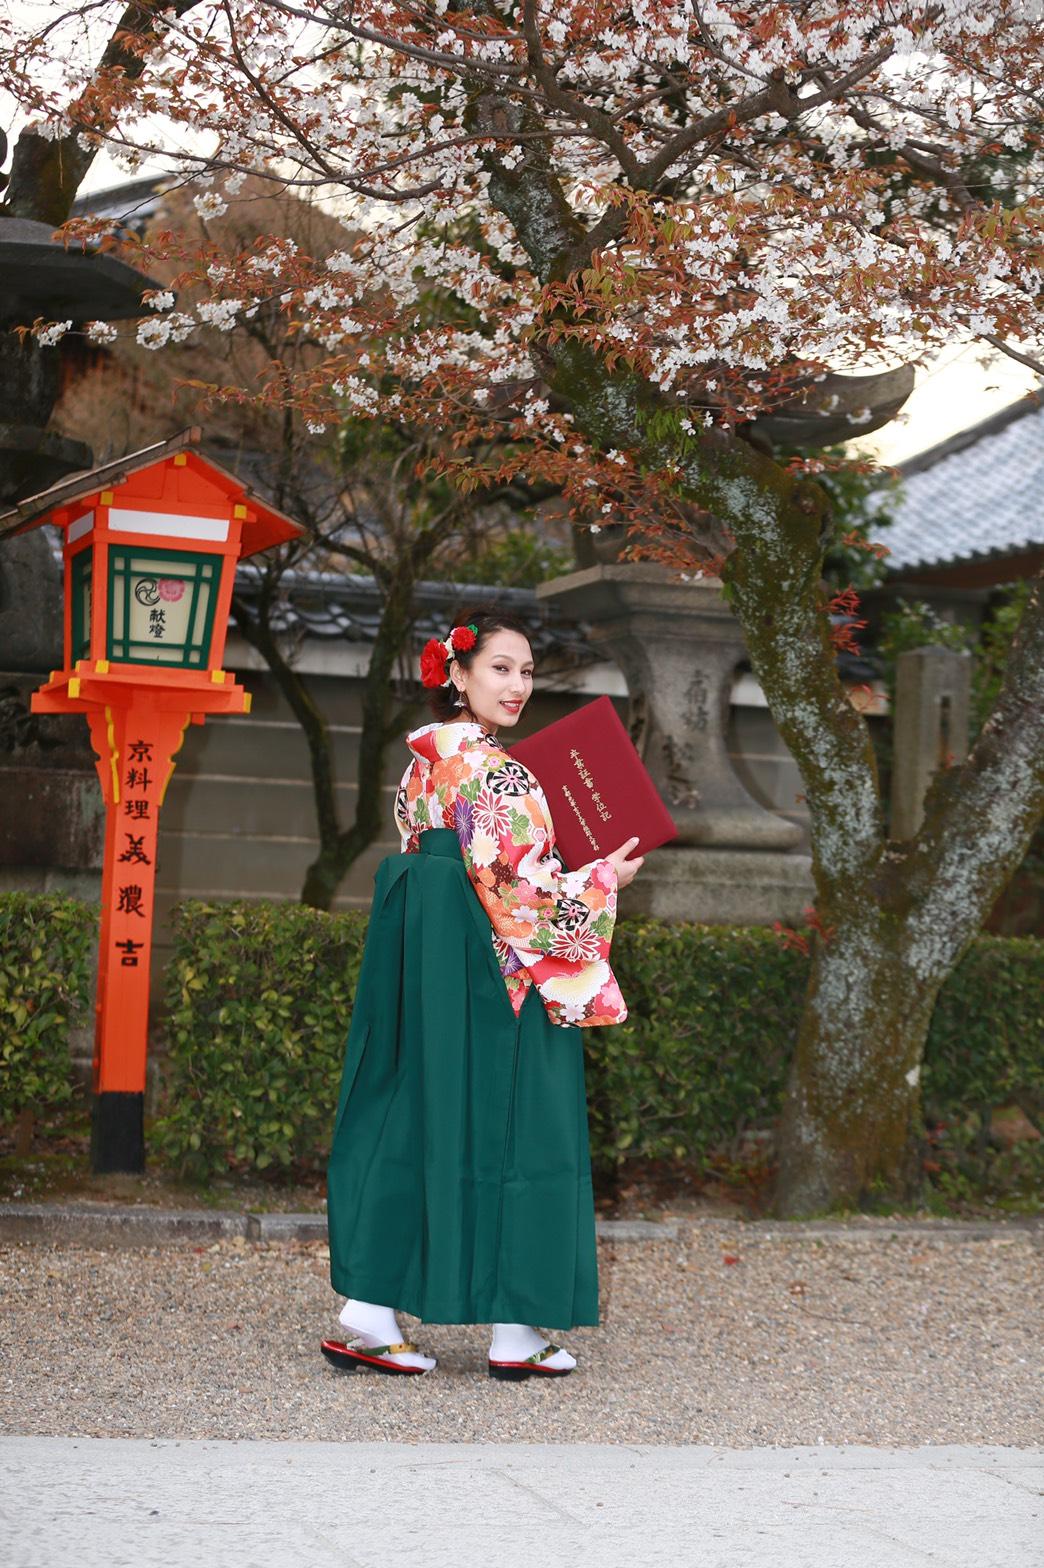 袴レンタル始めましたぁ♡2020年3月19日24